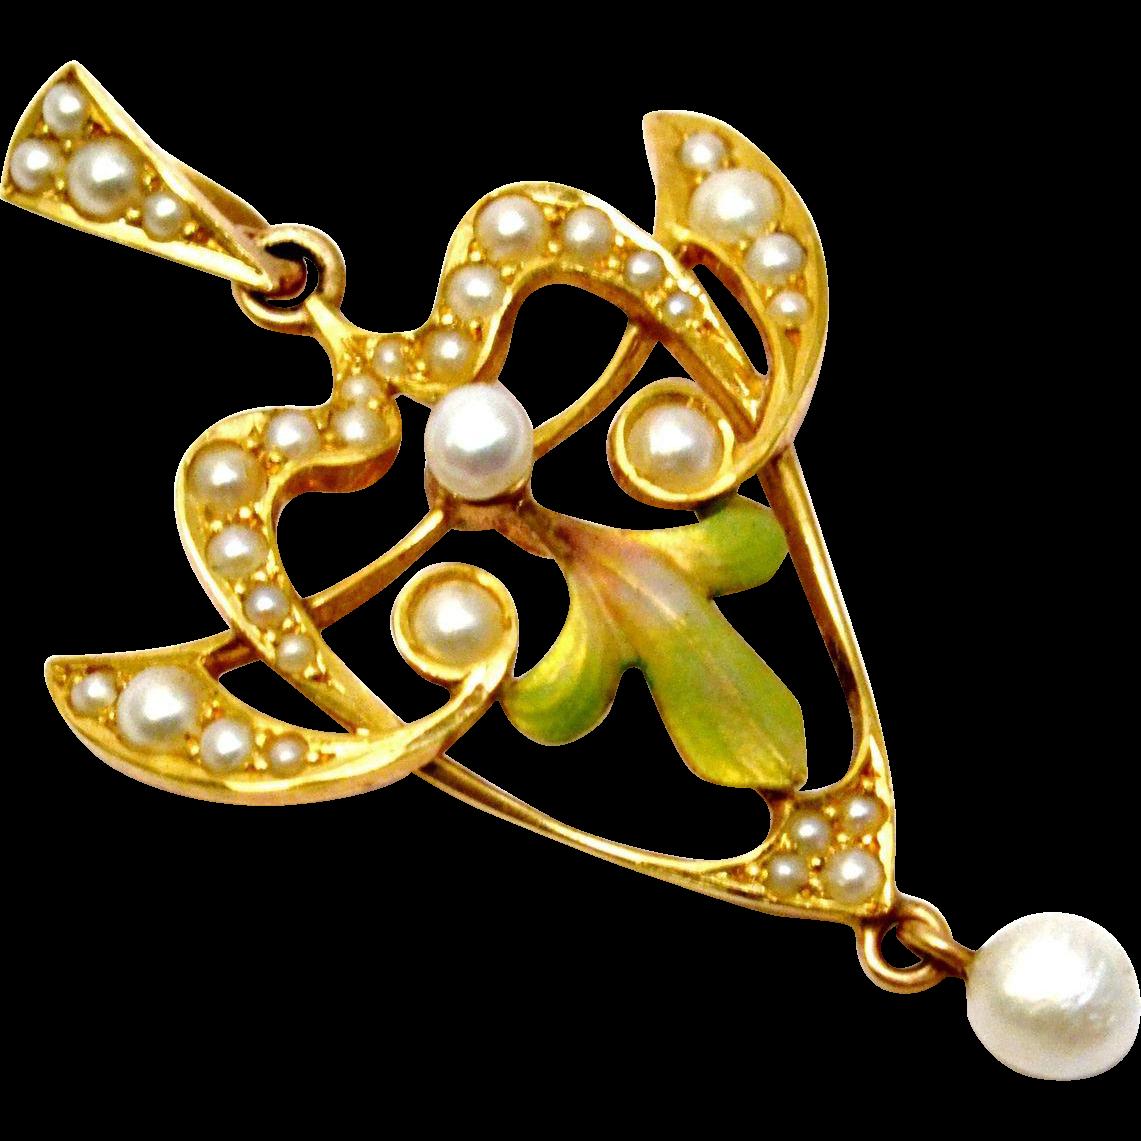 Antique Art Nouveau 14k gold Krementz signed seed pearl enamel pendant